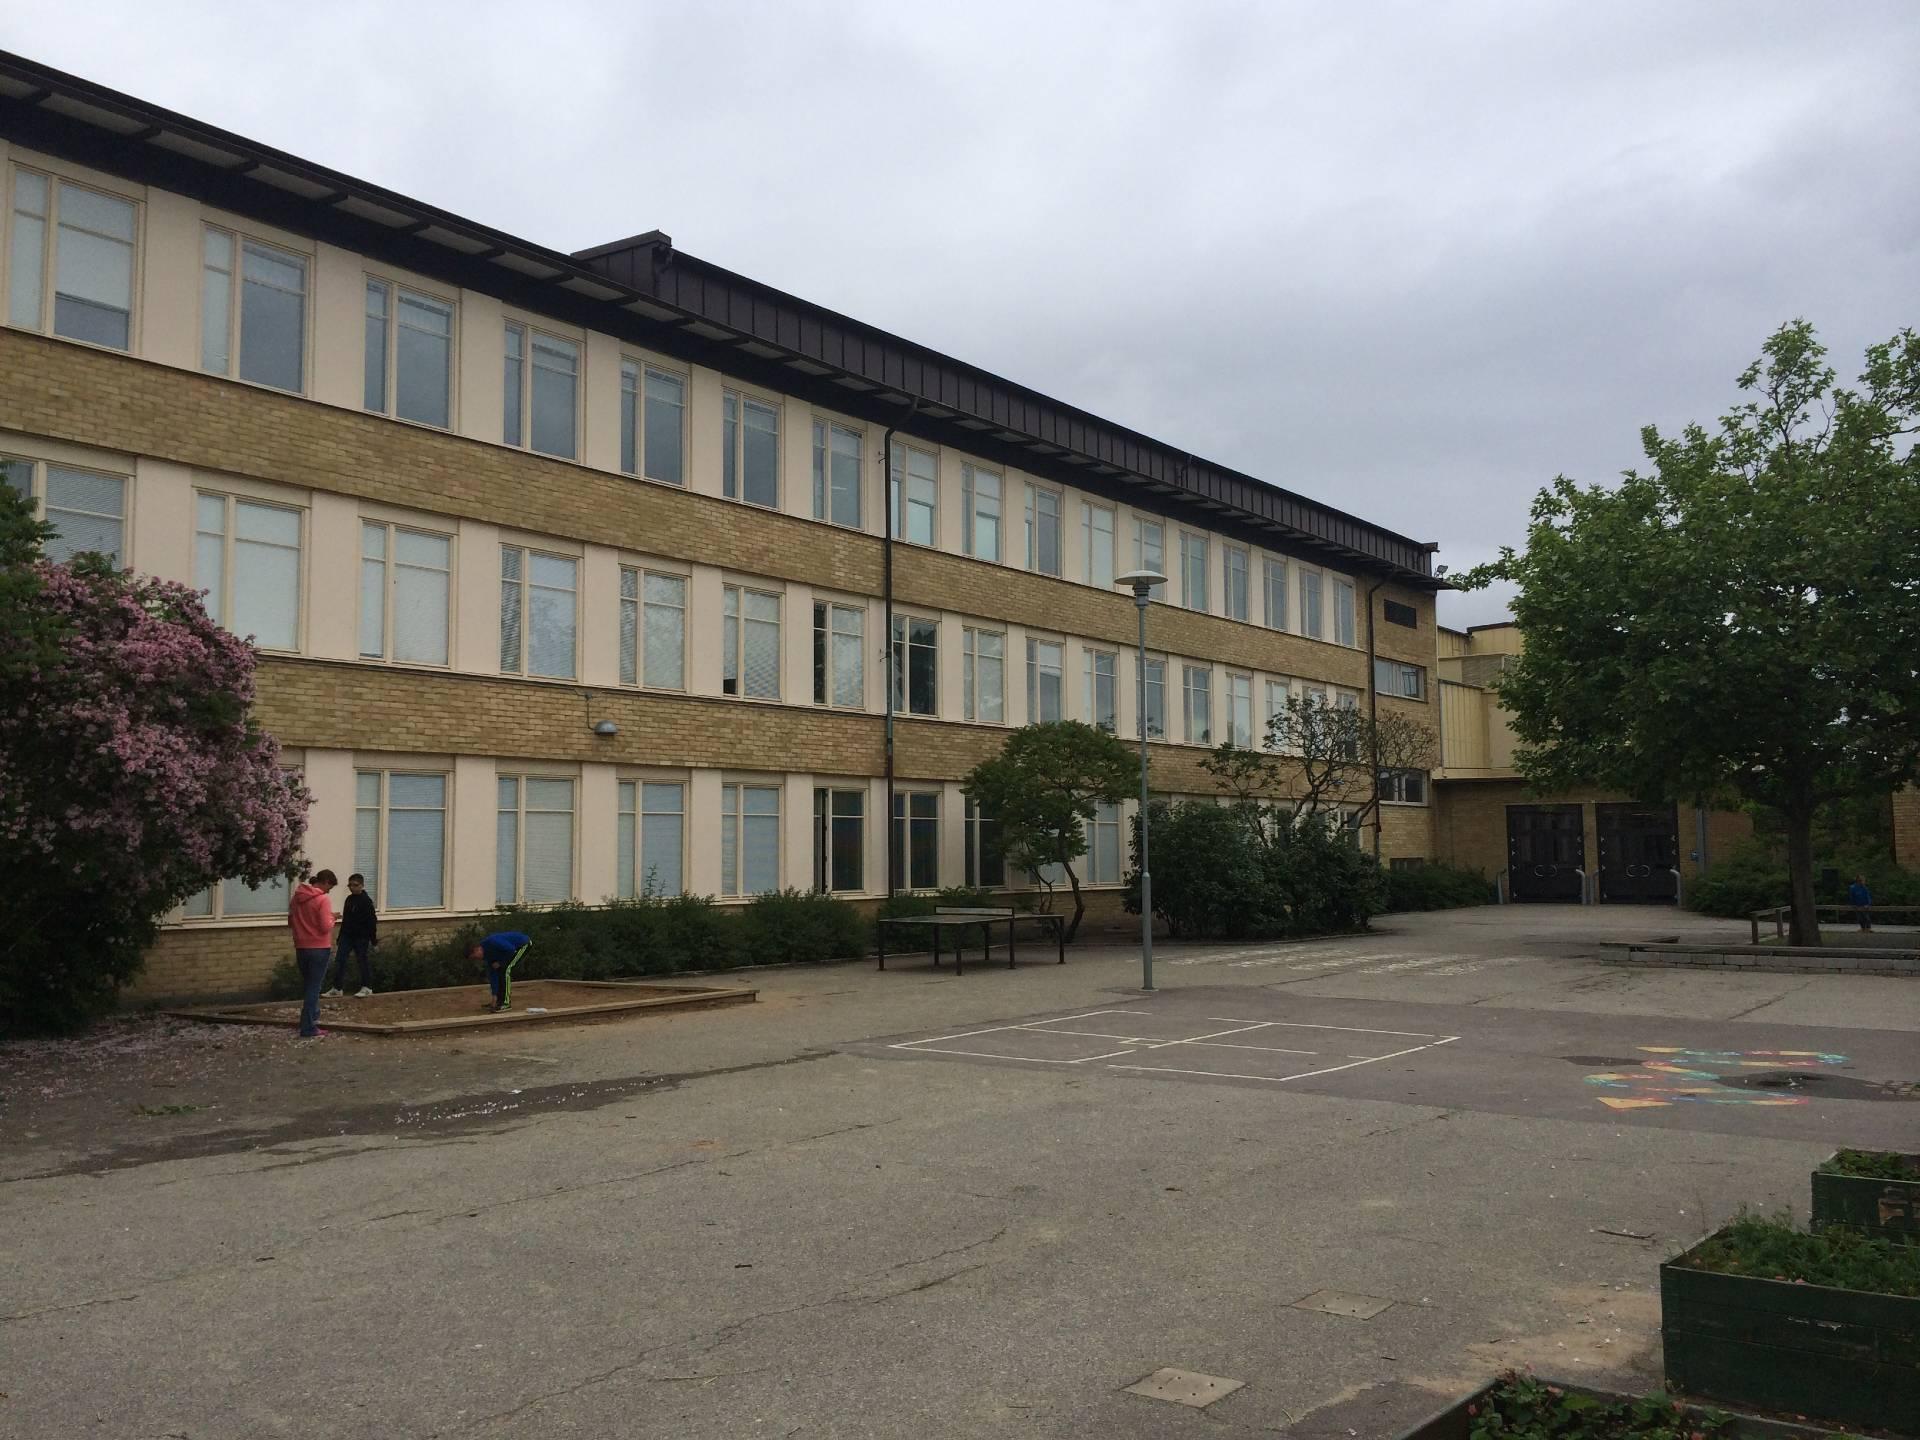 Söderkullaskolan